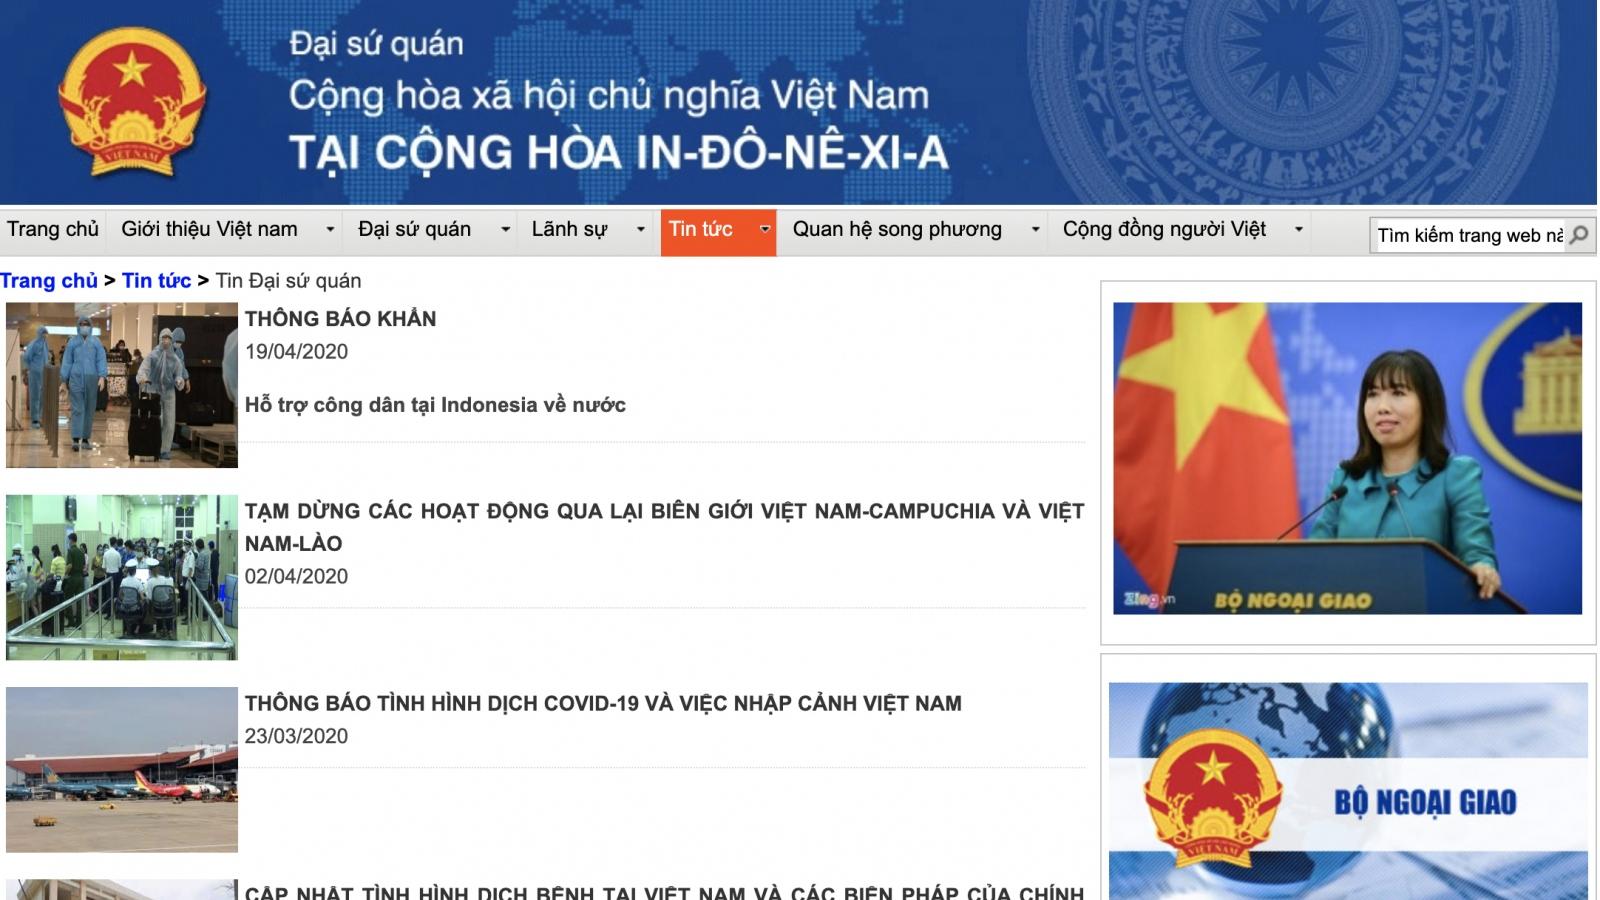 Khuyến cáo người Việt tại Indonesia đã đăng ký về nước